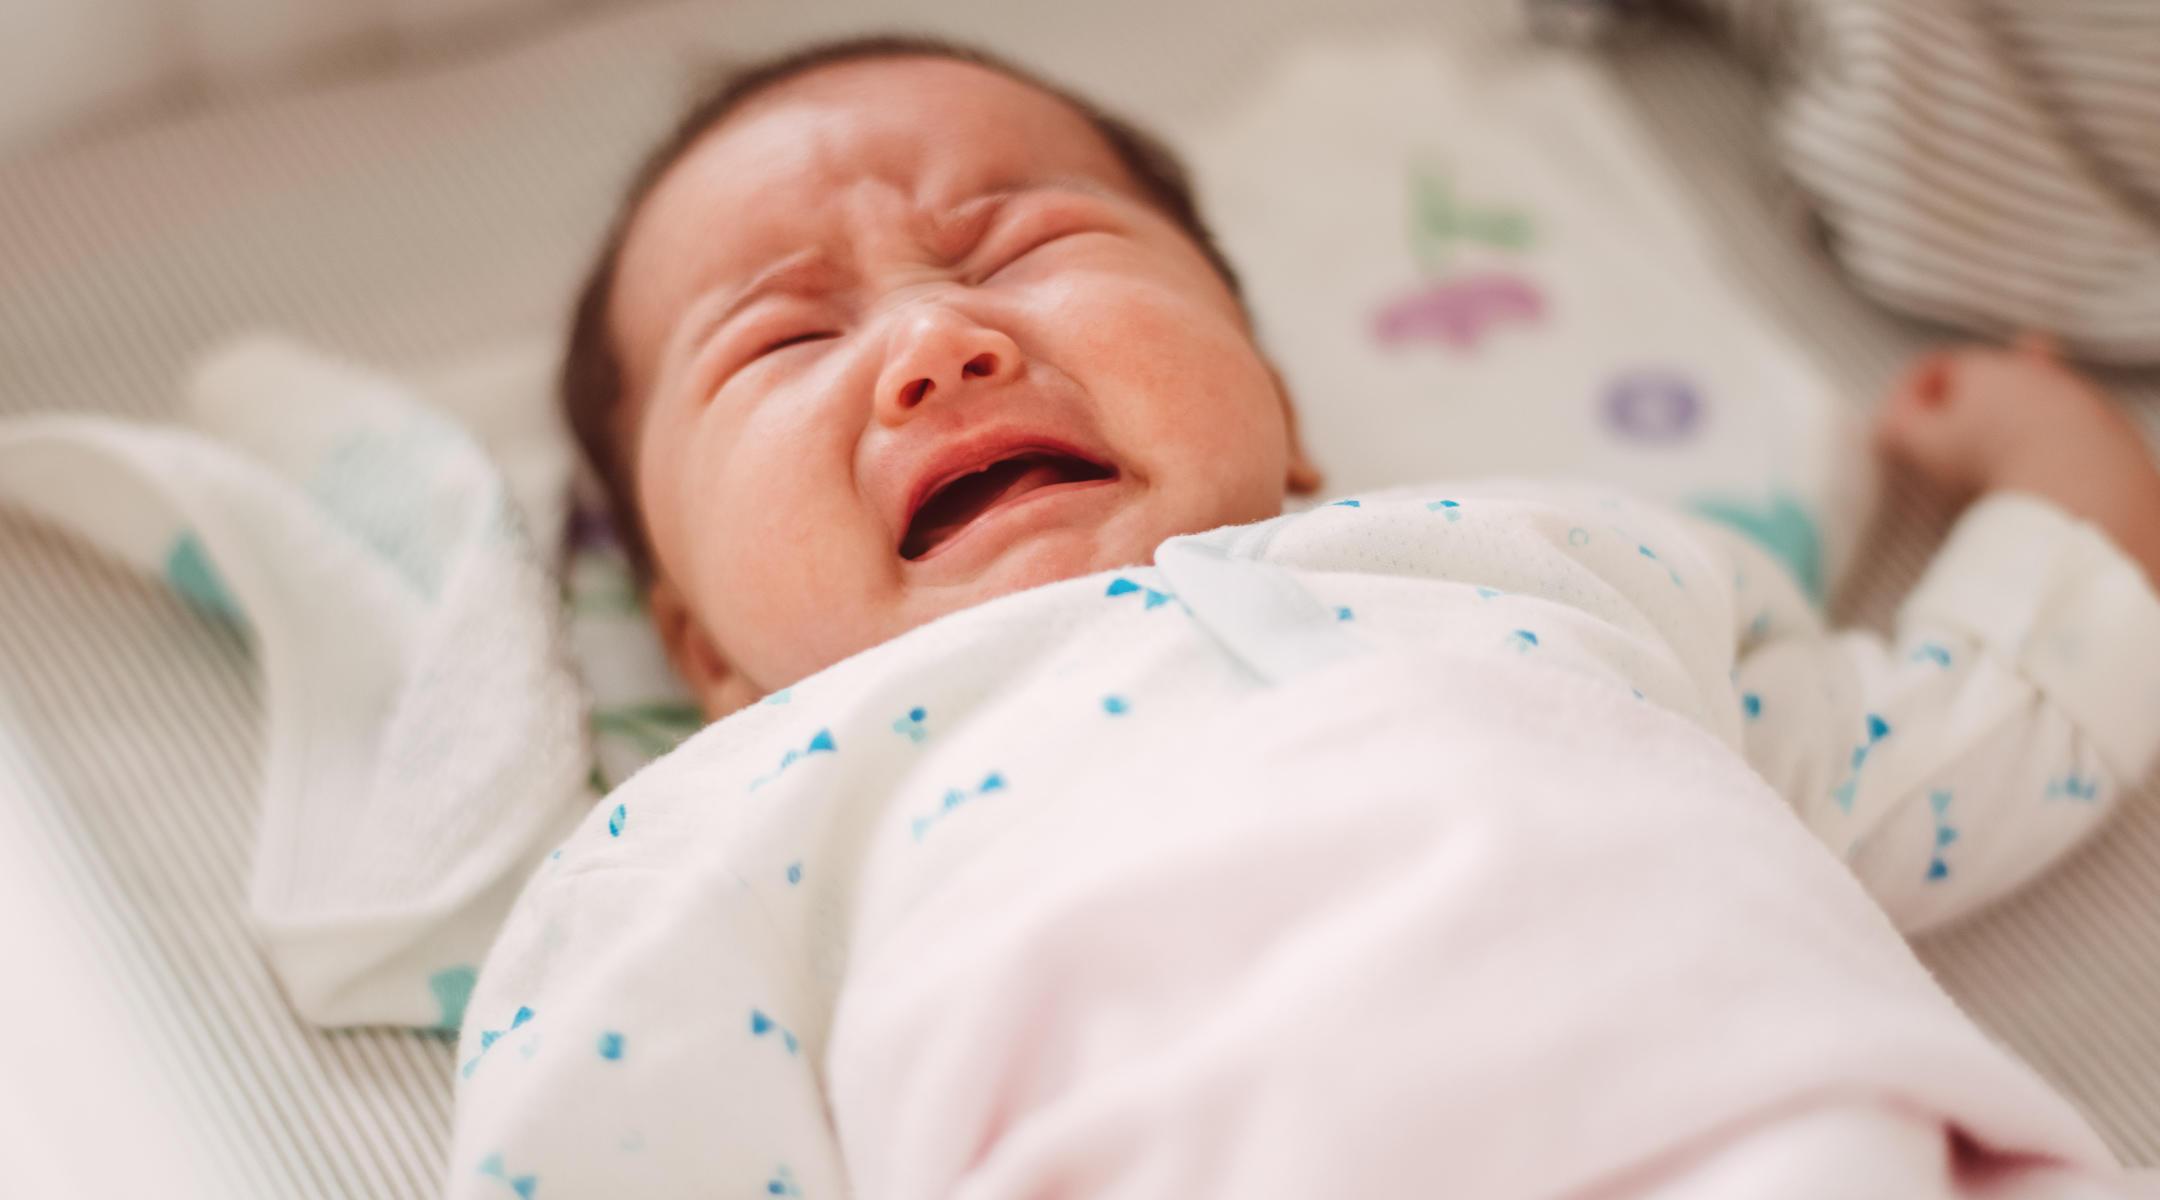 Грыжа у ребенка 1 месяц фото